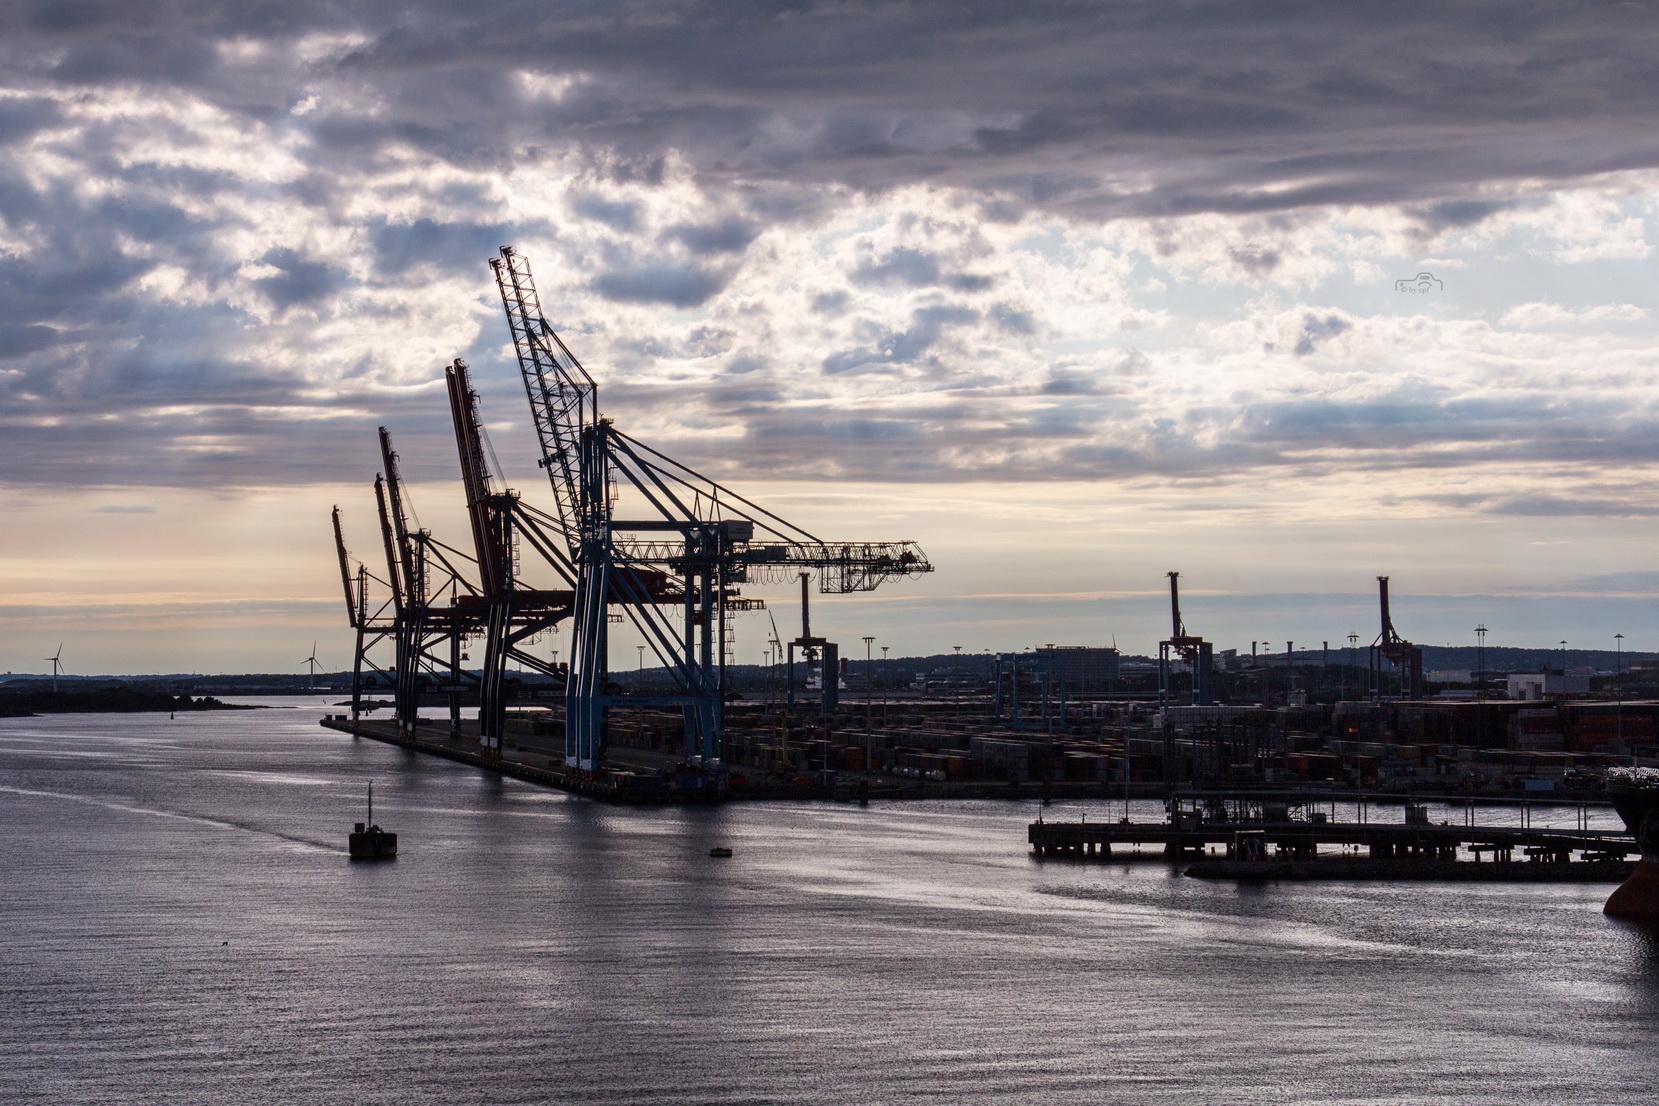 Kräne im Hafenbereich von Göteborg.